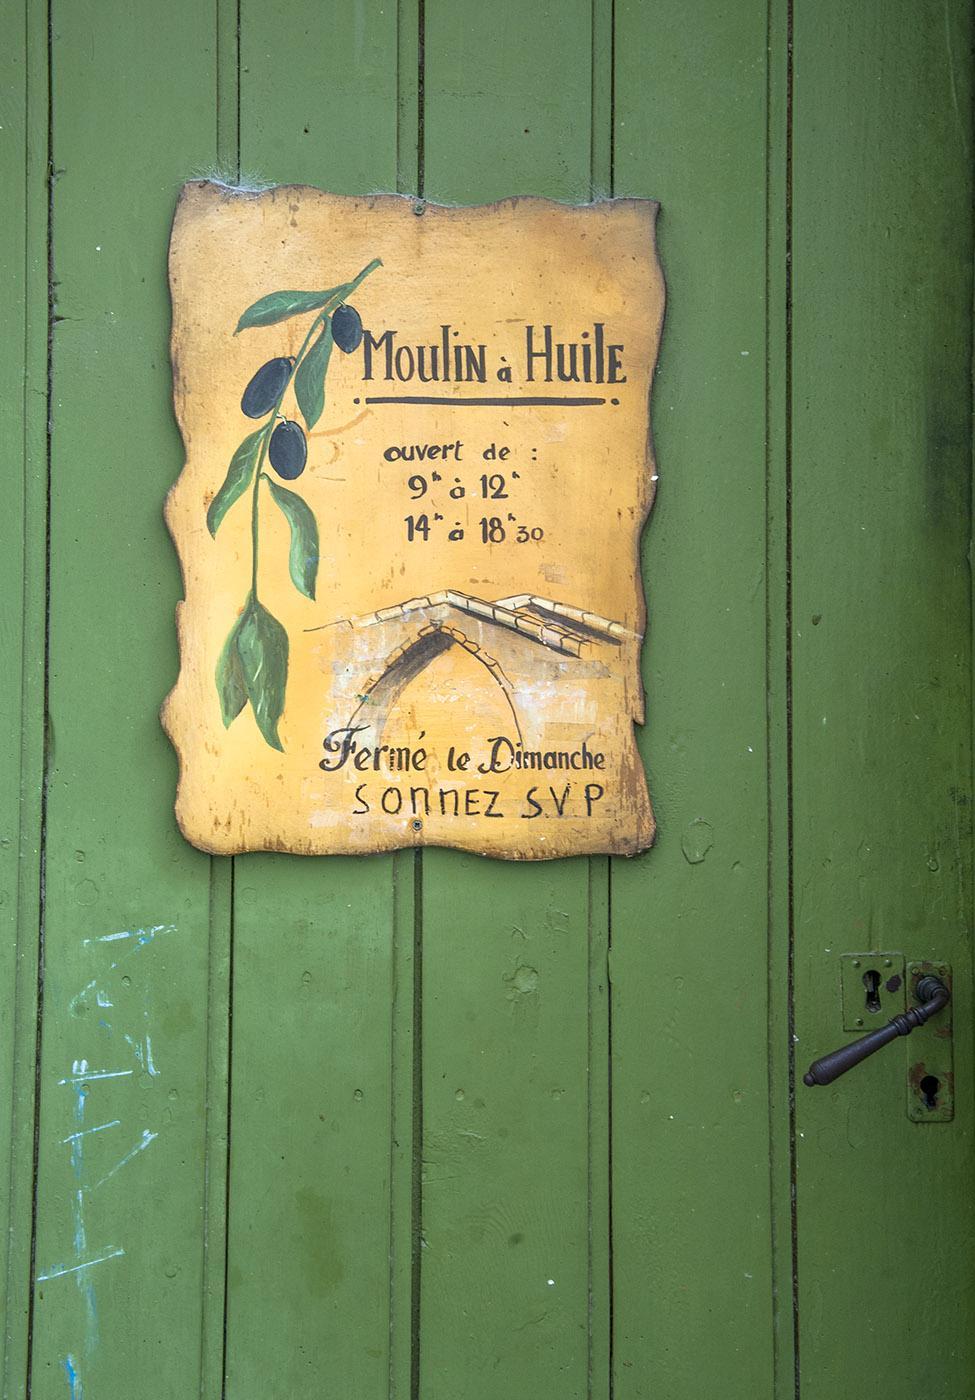 In der Altstadt von Nyons entdeckt: diese Haustür eines kleinen Produzenten von Olivenöl. Charmant! Foto: Hilke Maunder